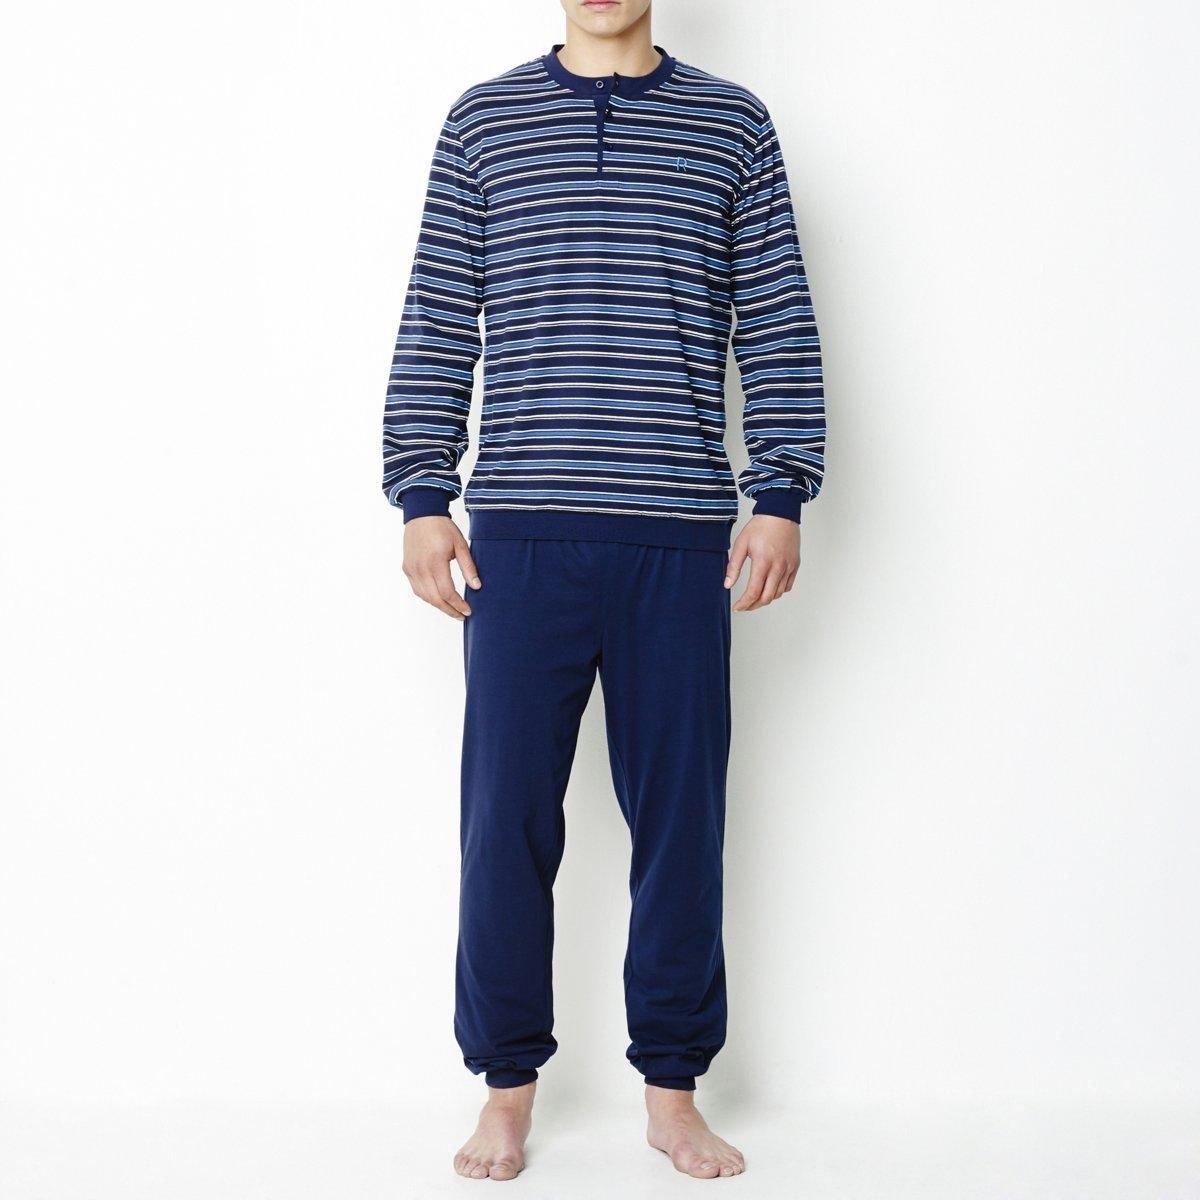 ПижамаДжерси, 100% хлопка. Футболка в полоску с длинными рукавами. Вырез с планкой застежки на 3 пуговицы. Однотонные брюки с эластичным поясом, низ брючин связан в рубчик.<br><br>Цвет: в полоску серый/серый,темно-синий в полоску<br>Размер: S.L